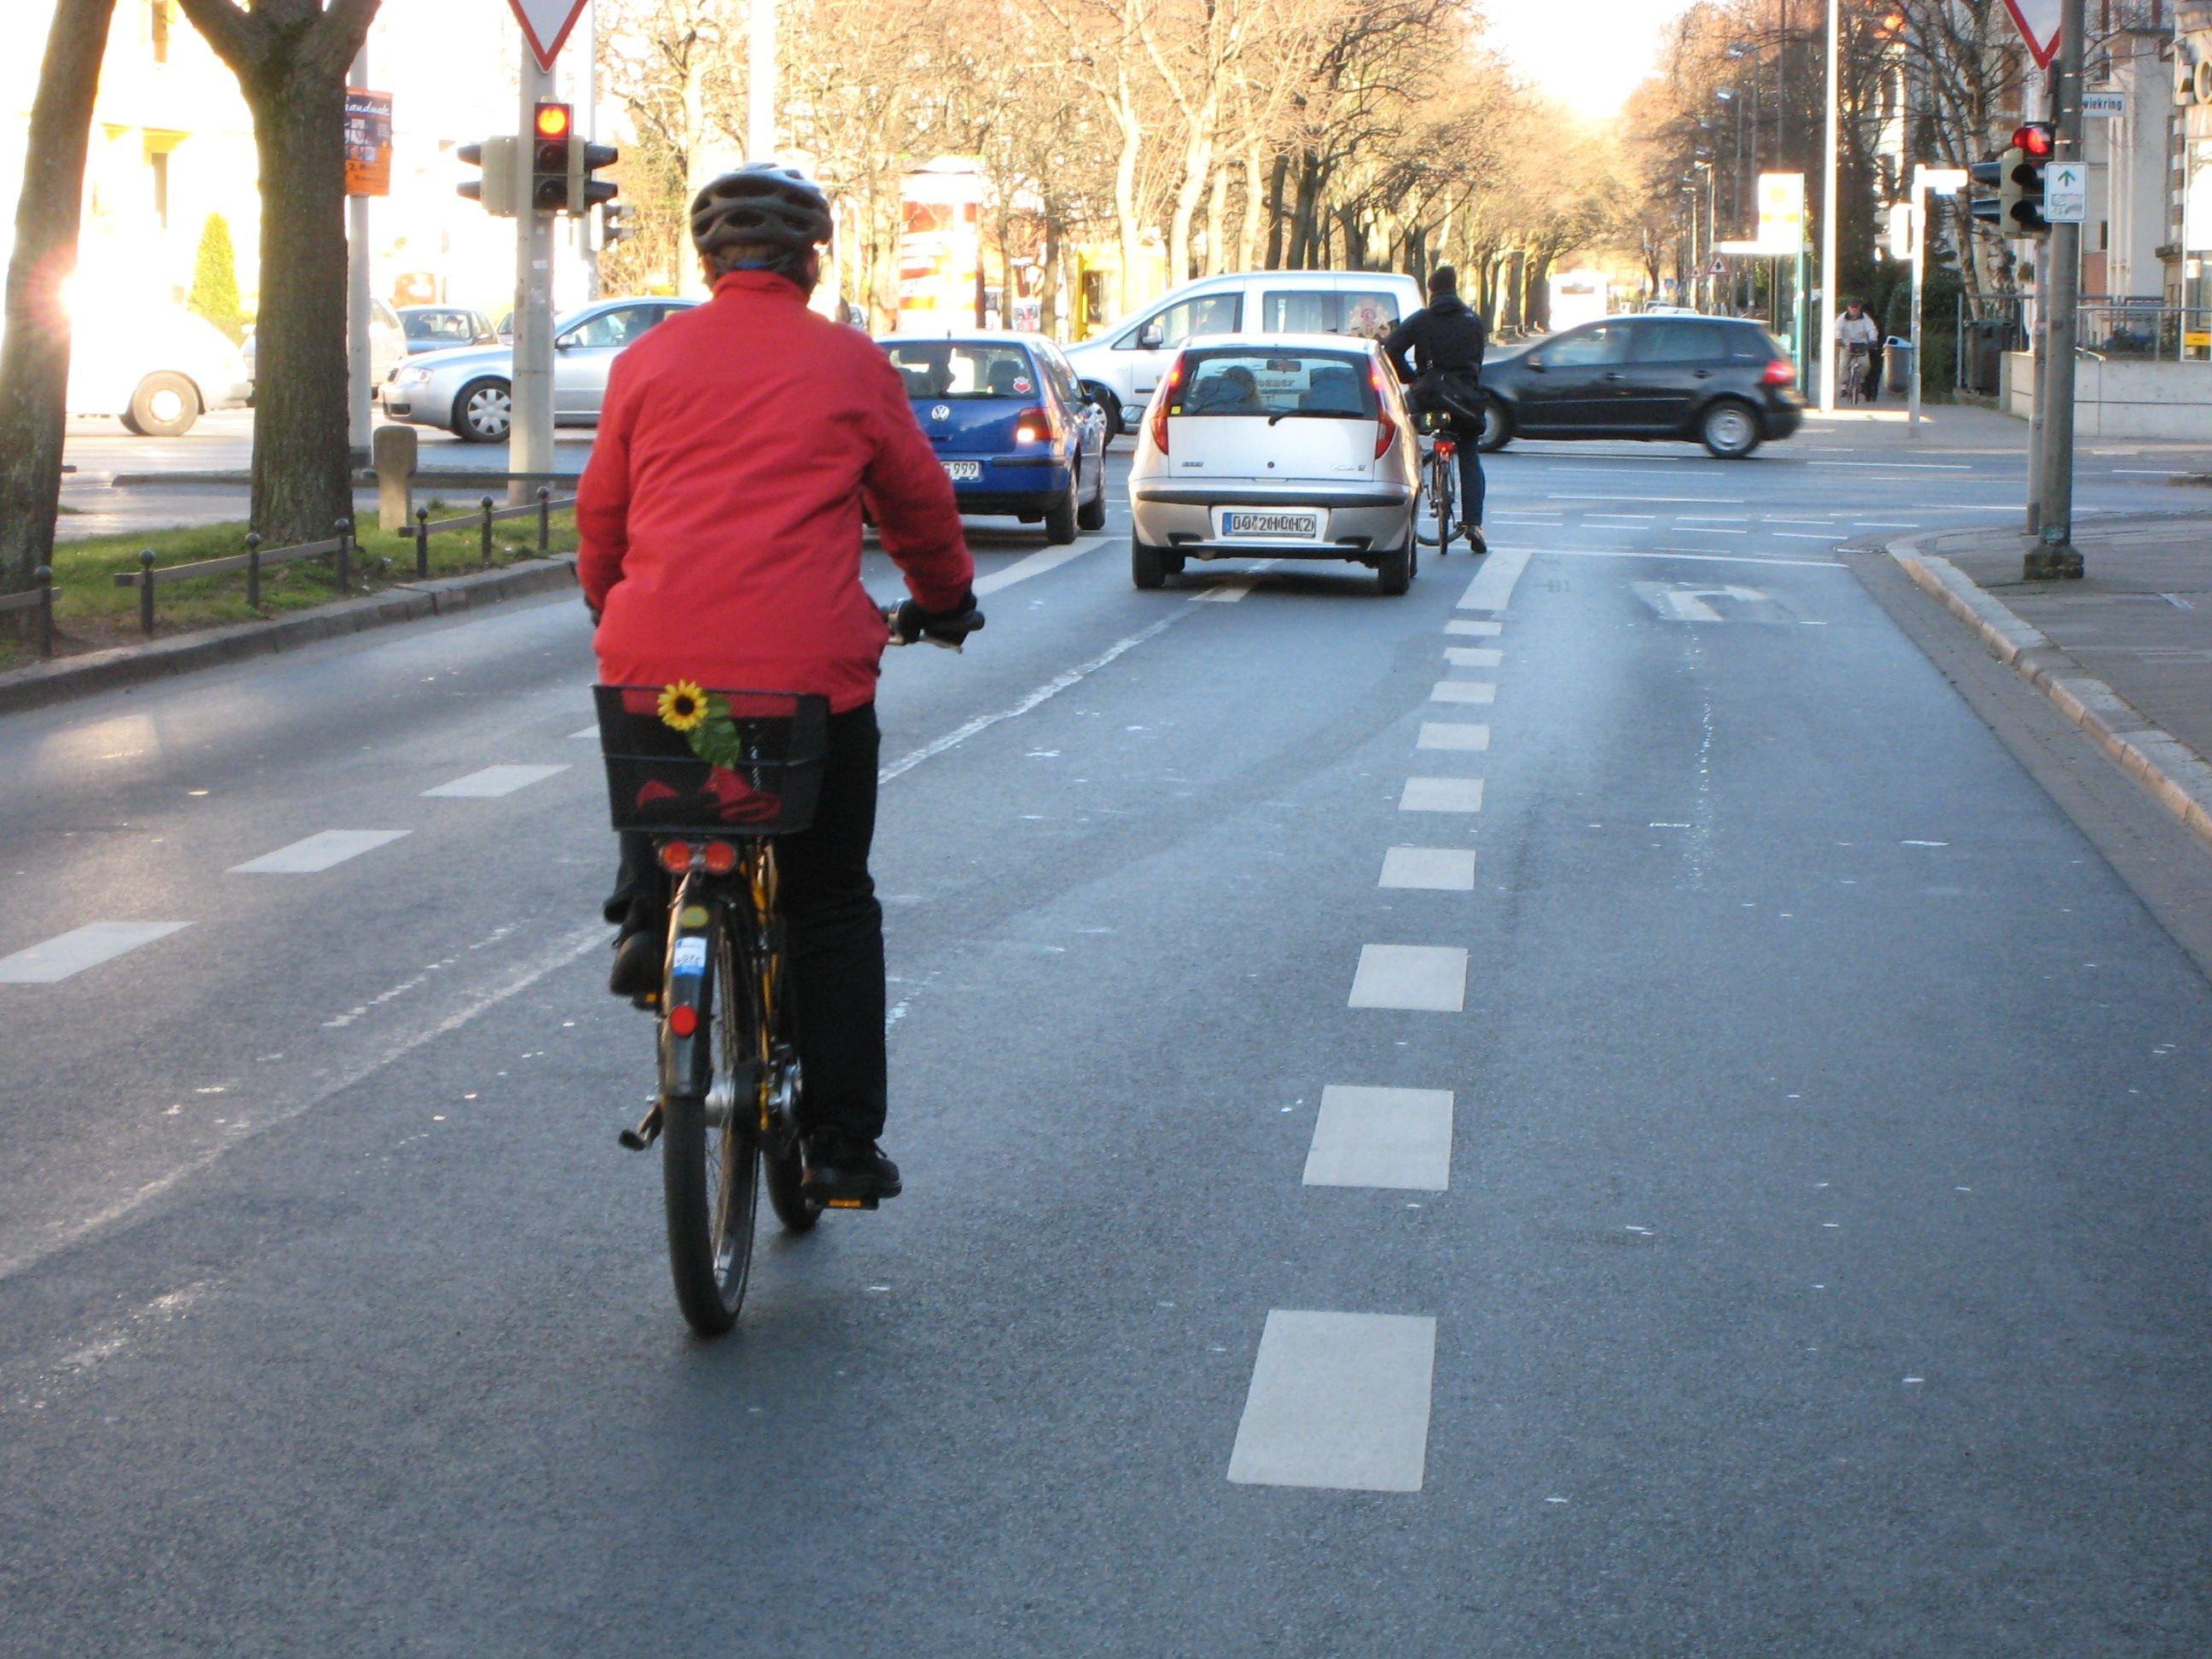 Zum Abbiegen sollen sich Radfahrer in der Fahrbahnmitte platzieren. © ADFC/Jens Schütte